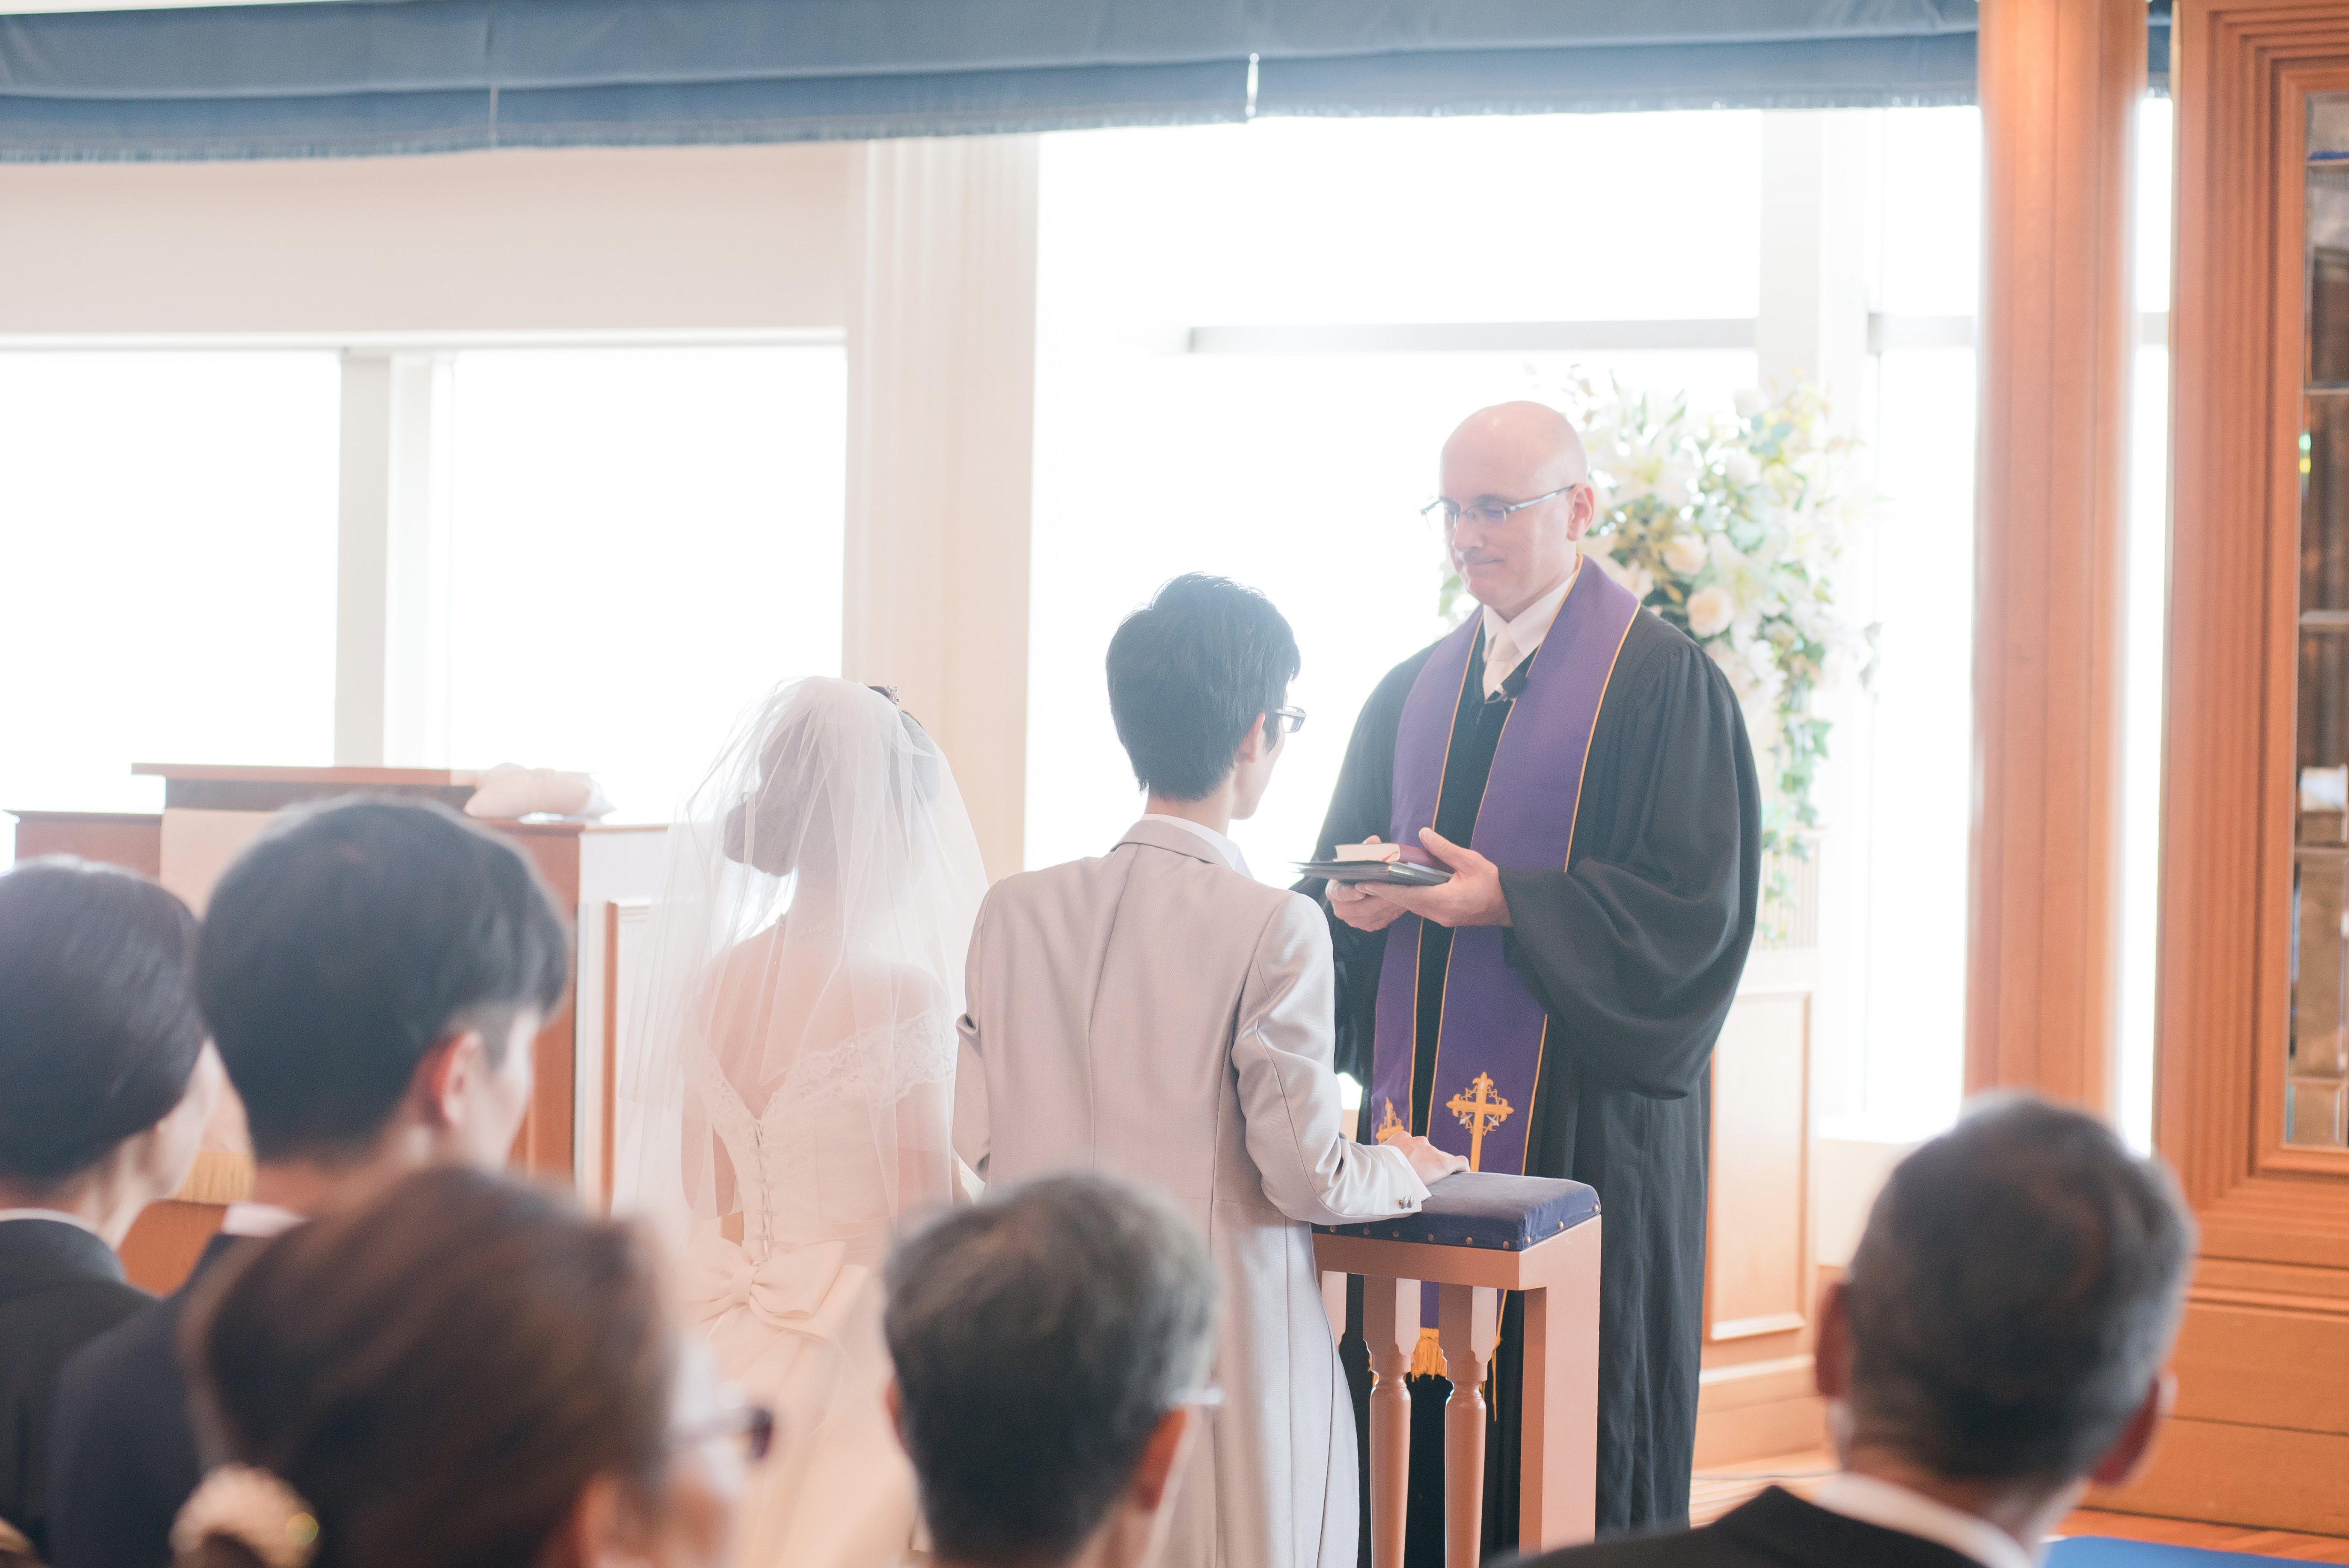 キリスト教式 結婚式でバンコを行いました♪|横浜 元町 ウエディングサロン